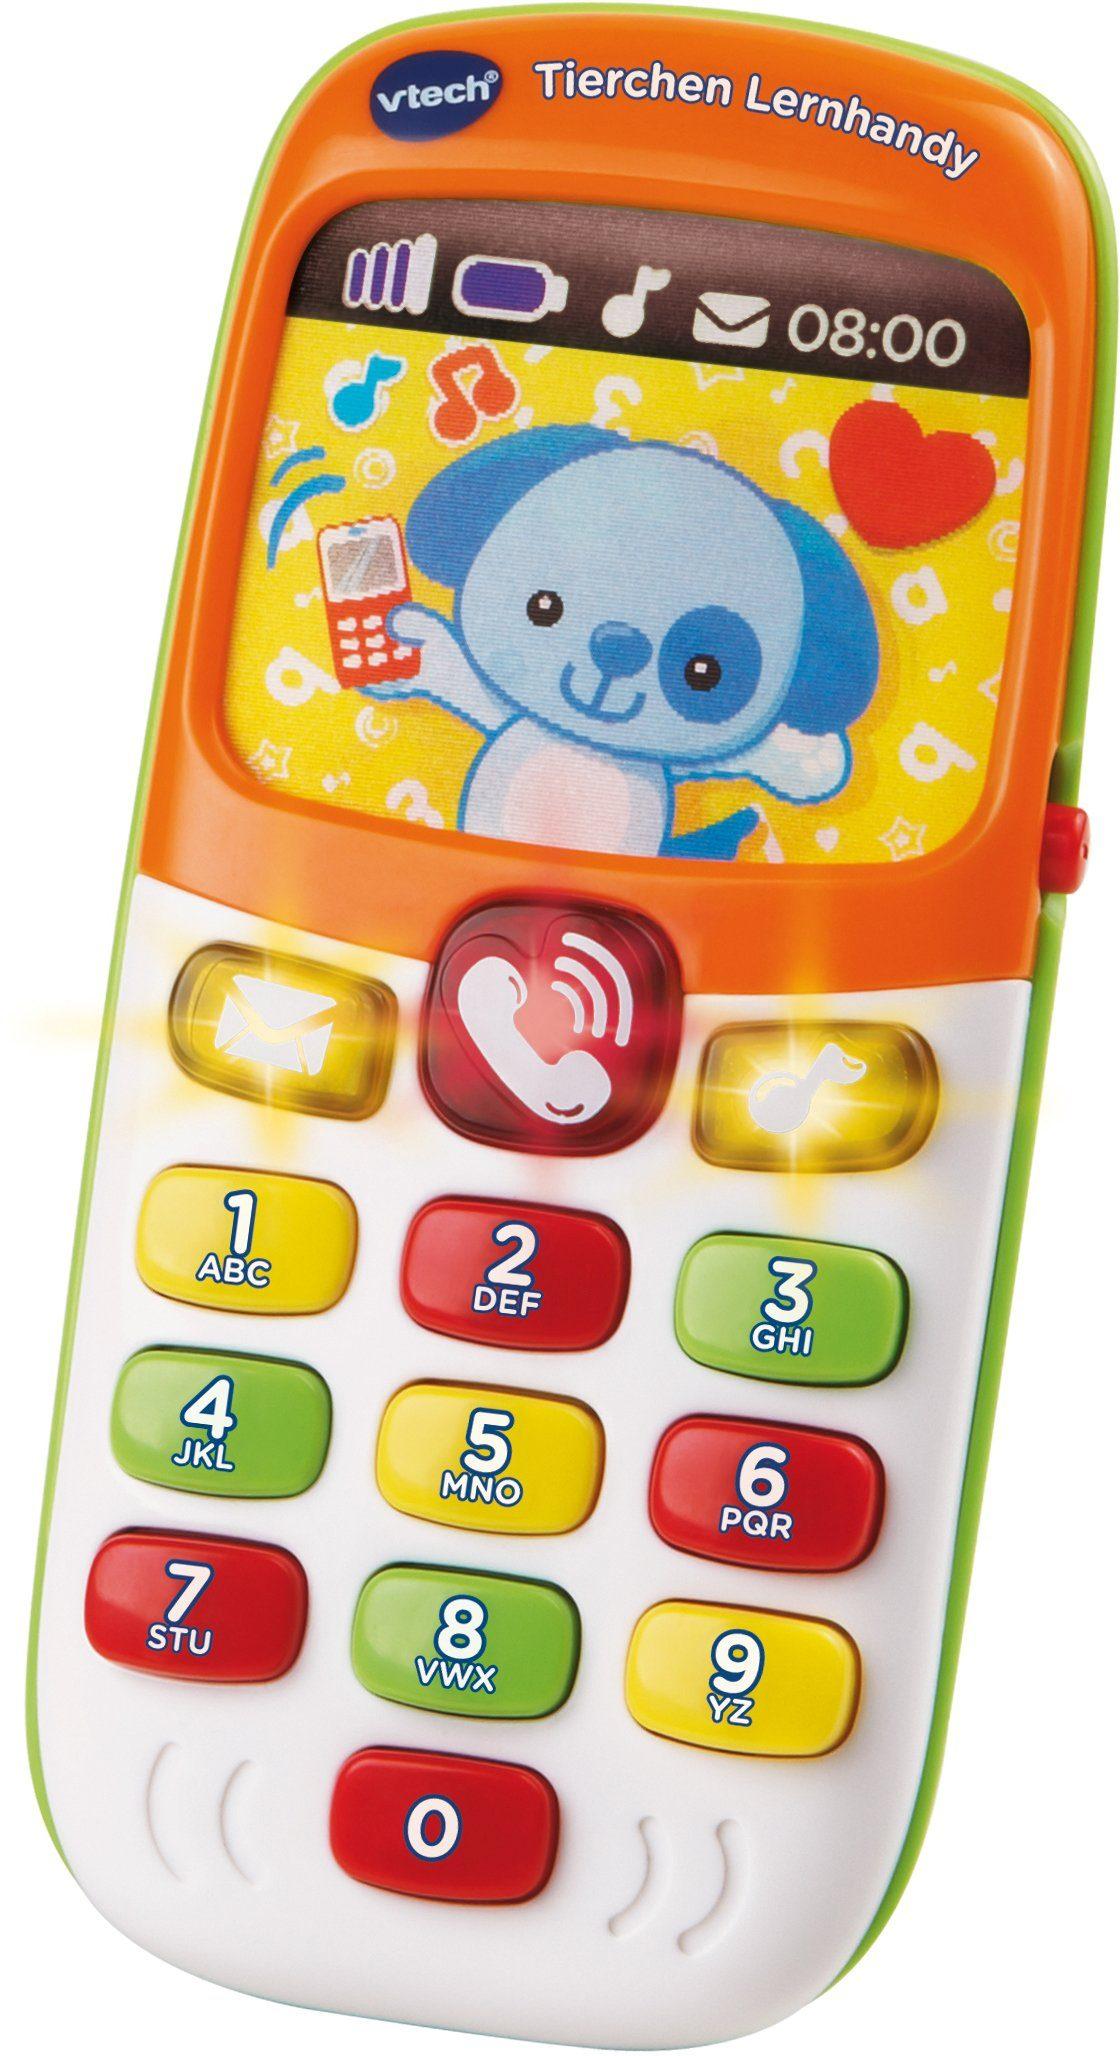 VTech Spieltelefon mit Licht und Ton, »VTech Baby Tierchen Lernhandy«